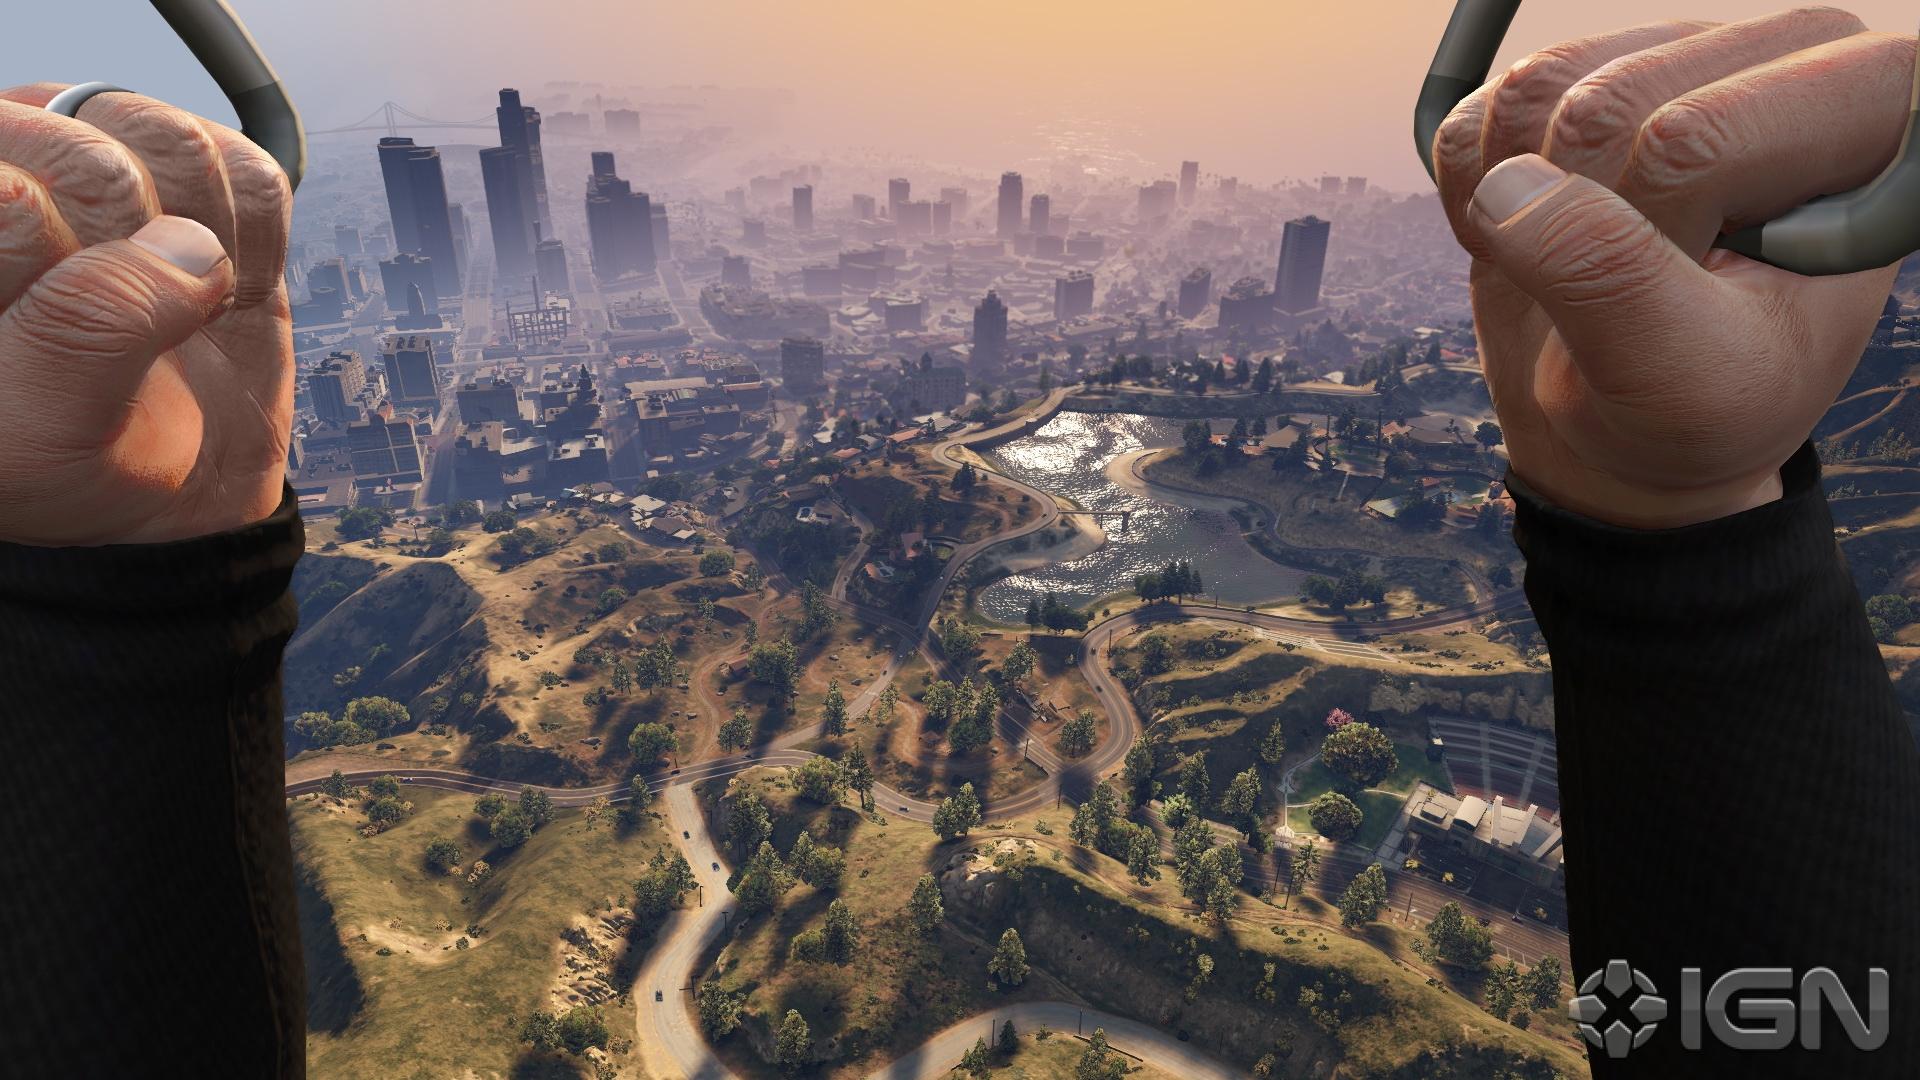 Dalších 25 nových obrázků z Grand Theft Auto V 102030